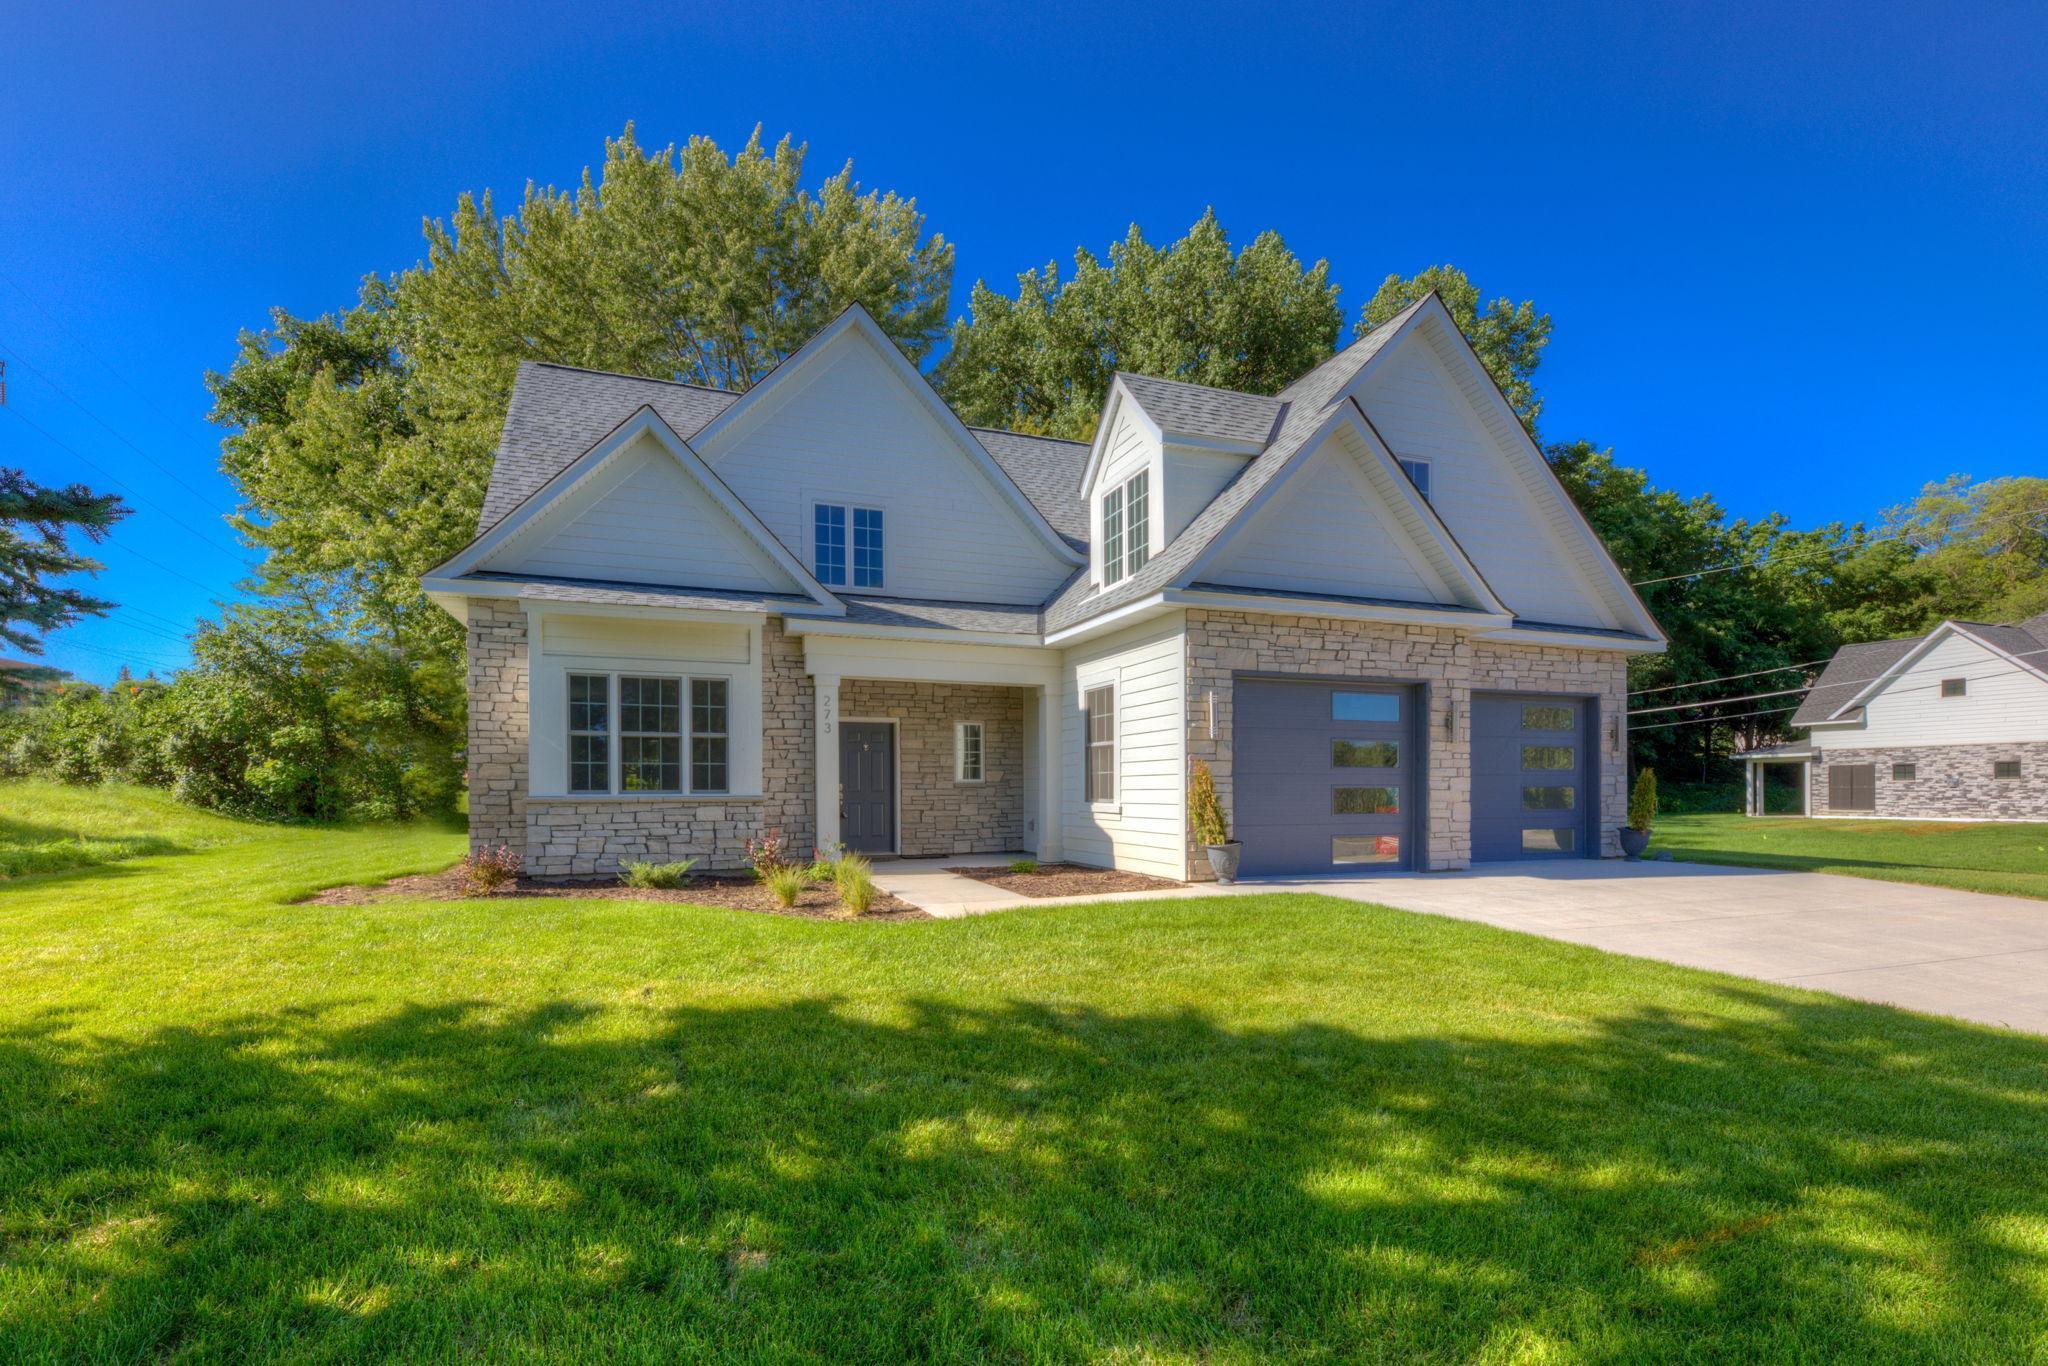 1032 Gardner Street, Wayzata, Minnesota 55391, 4 Bedrooms Bedrooms, ,3 BathroomsBathrooms,Residential,For Sale,Gardner,NST5750104